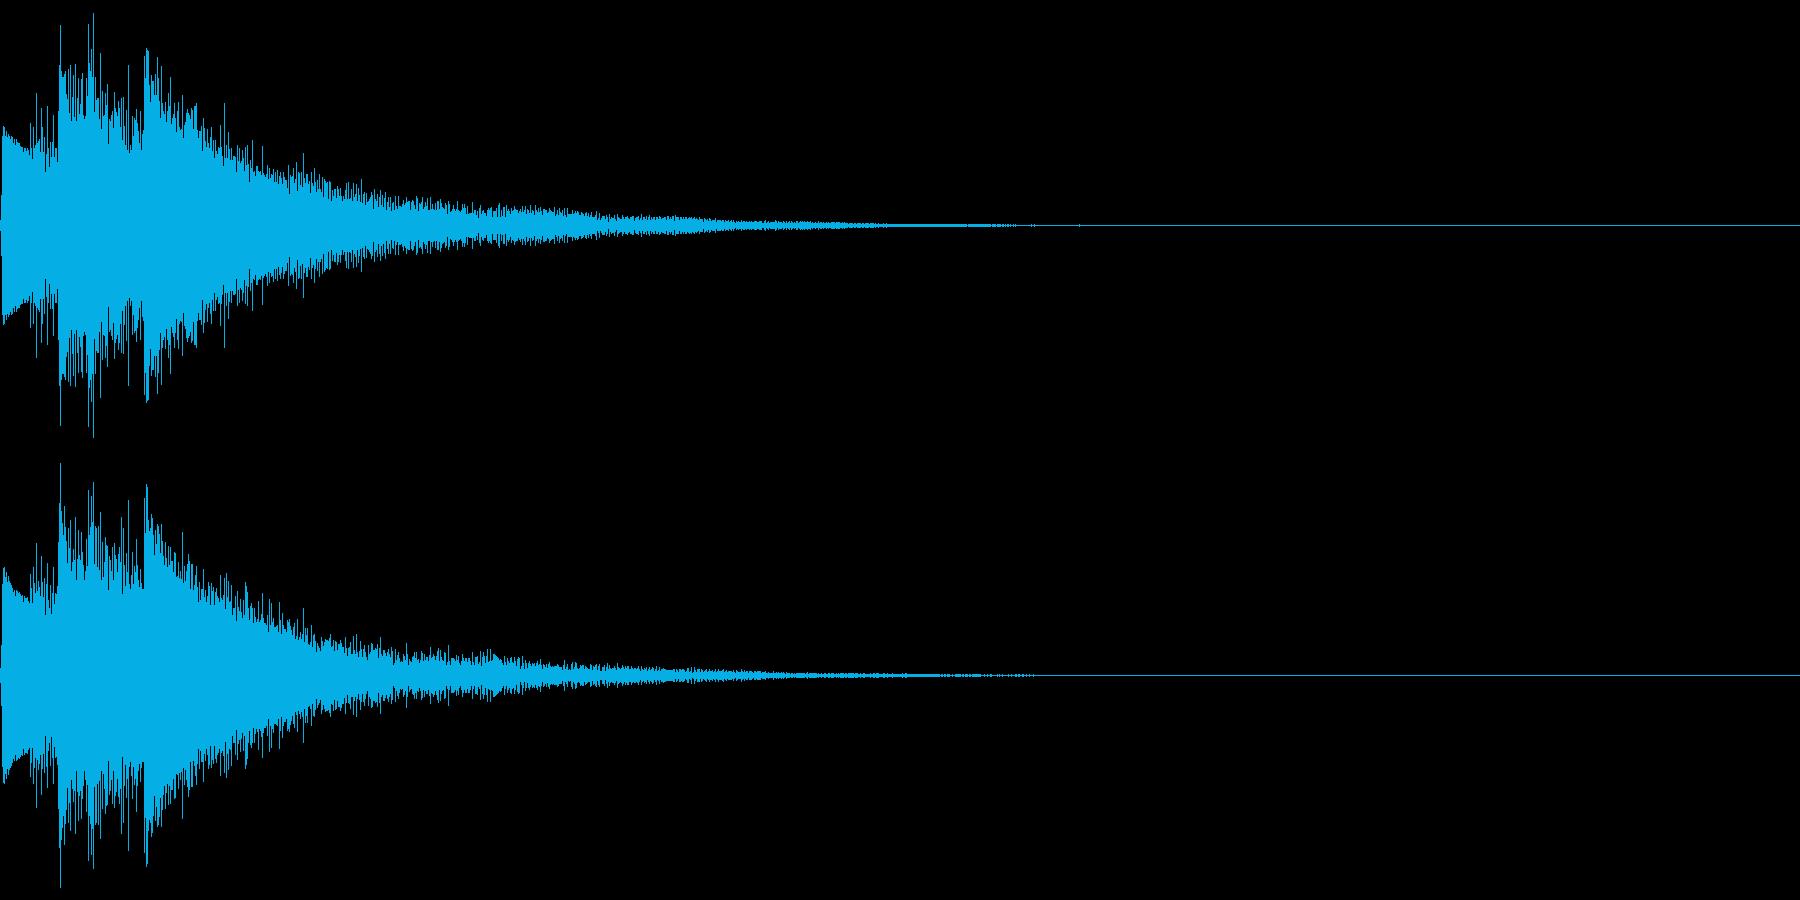 キラン!なアタック音5の再生済みの波形